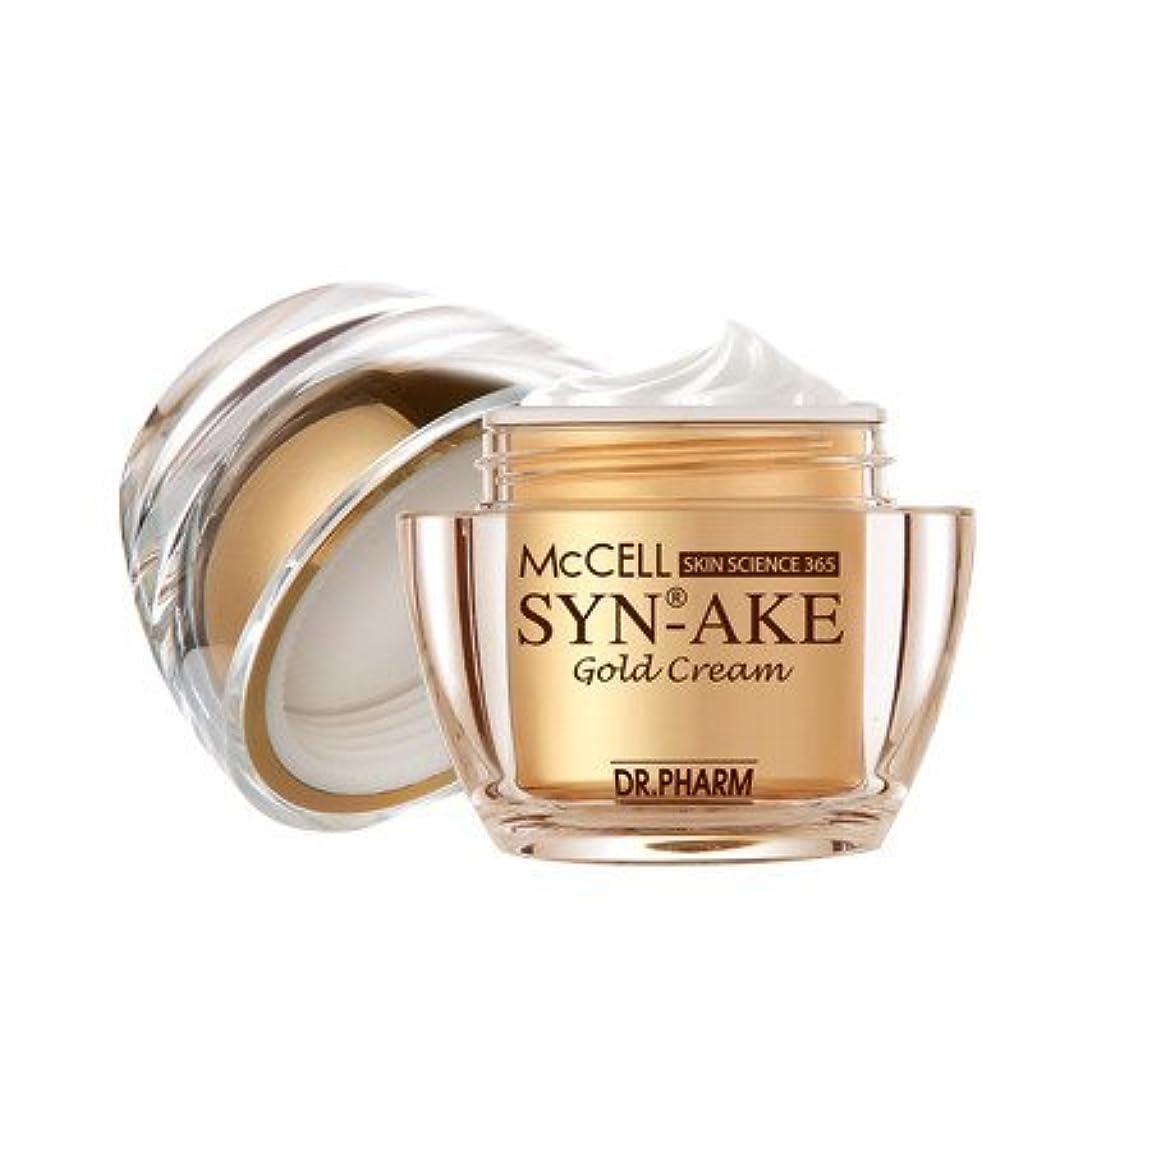 宿題をする受信機服Dr.Pharm マクセルスキンサイエンス365シネイクゴールドクリーム McCELL Synake gold cream